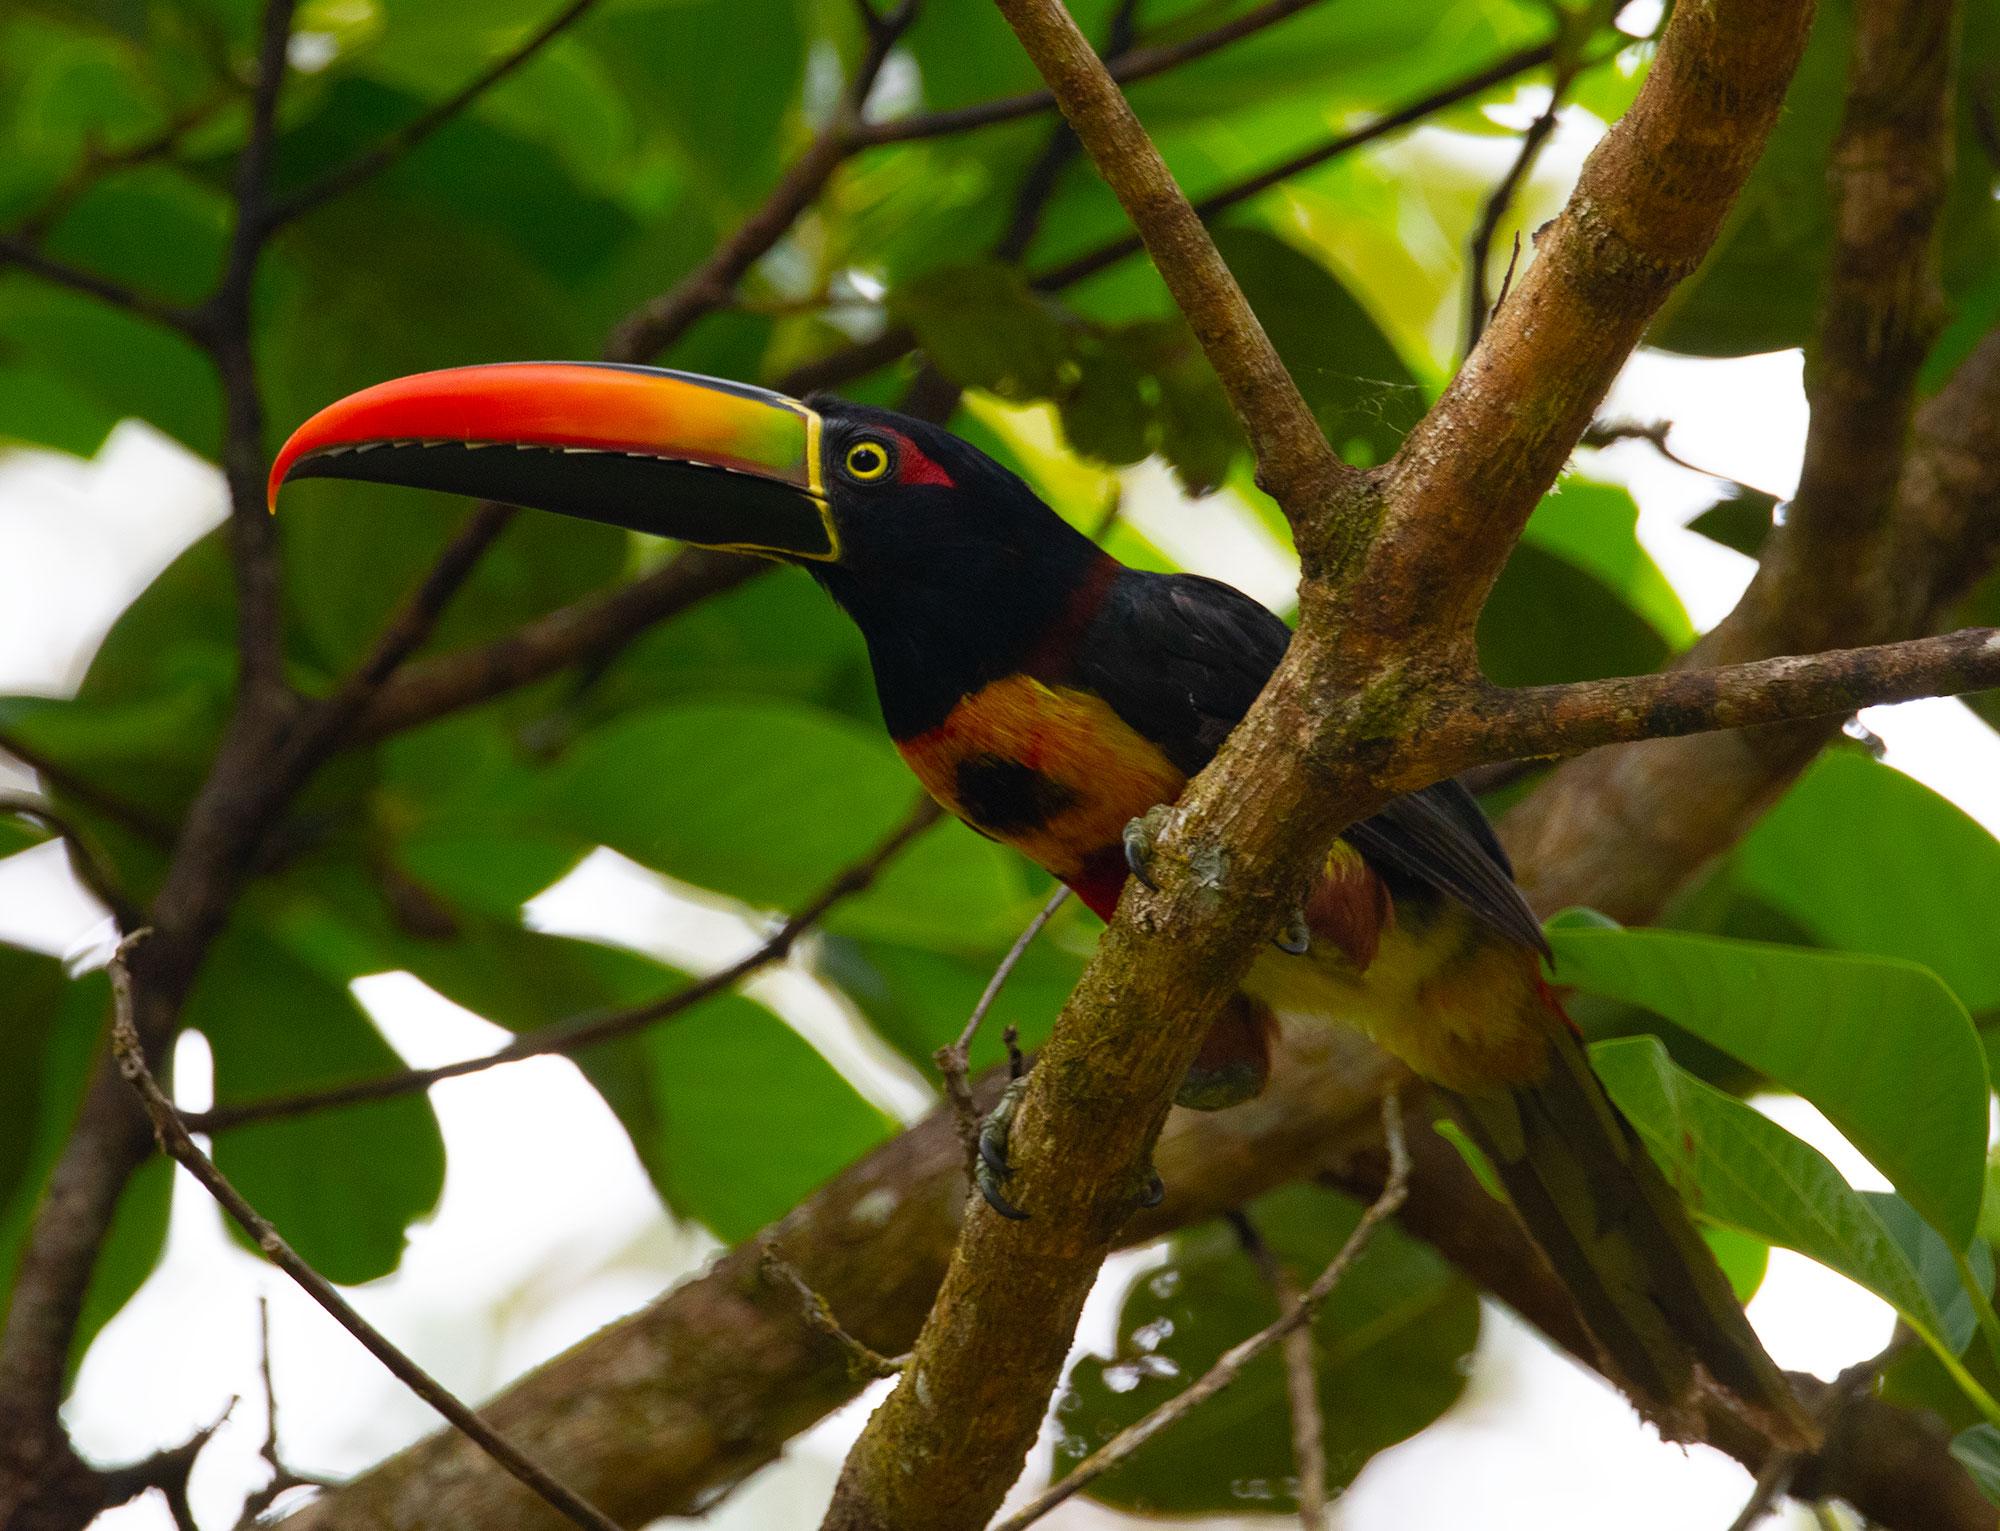 Fiery-billed Aracari in Osa Peninsula, Costa Rica